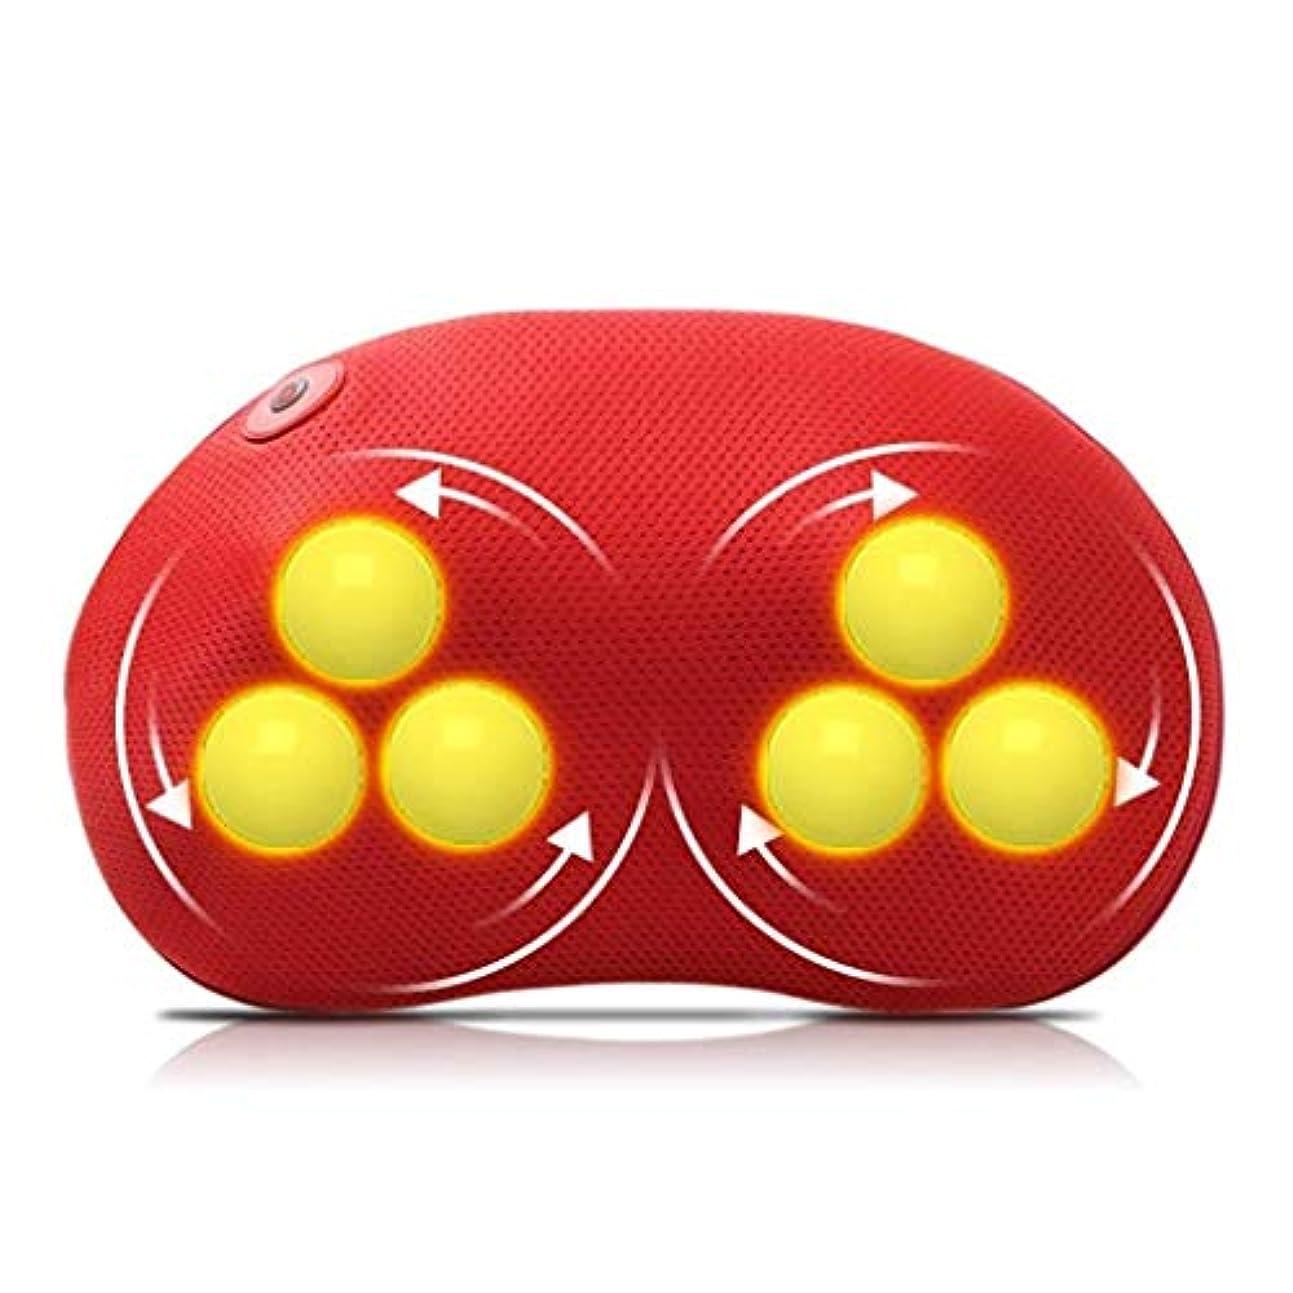 勤勉などうやって追放マッサージ枕、首と背中の3Dマッサージ、熱、深練り、首と背中、肩のリラクゼーション筋肉、ホームオフィスでの使用 (Color : 赤)